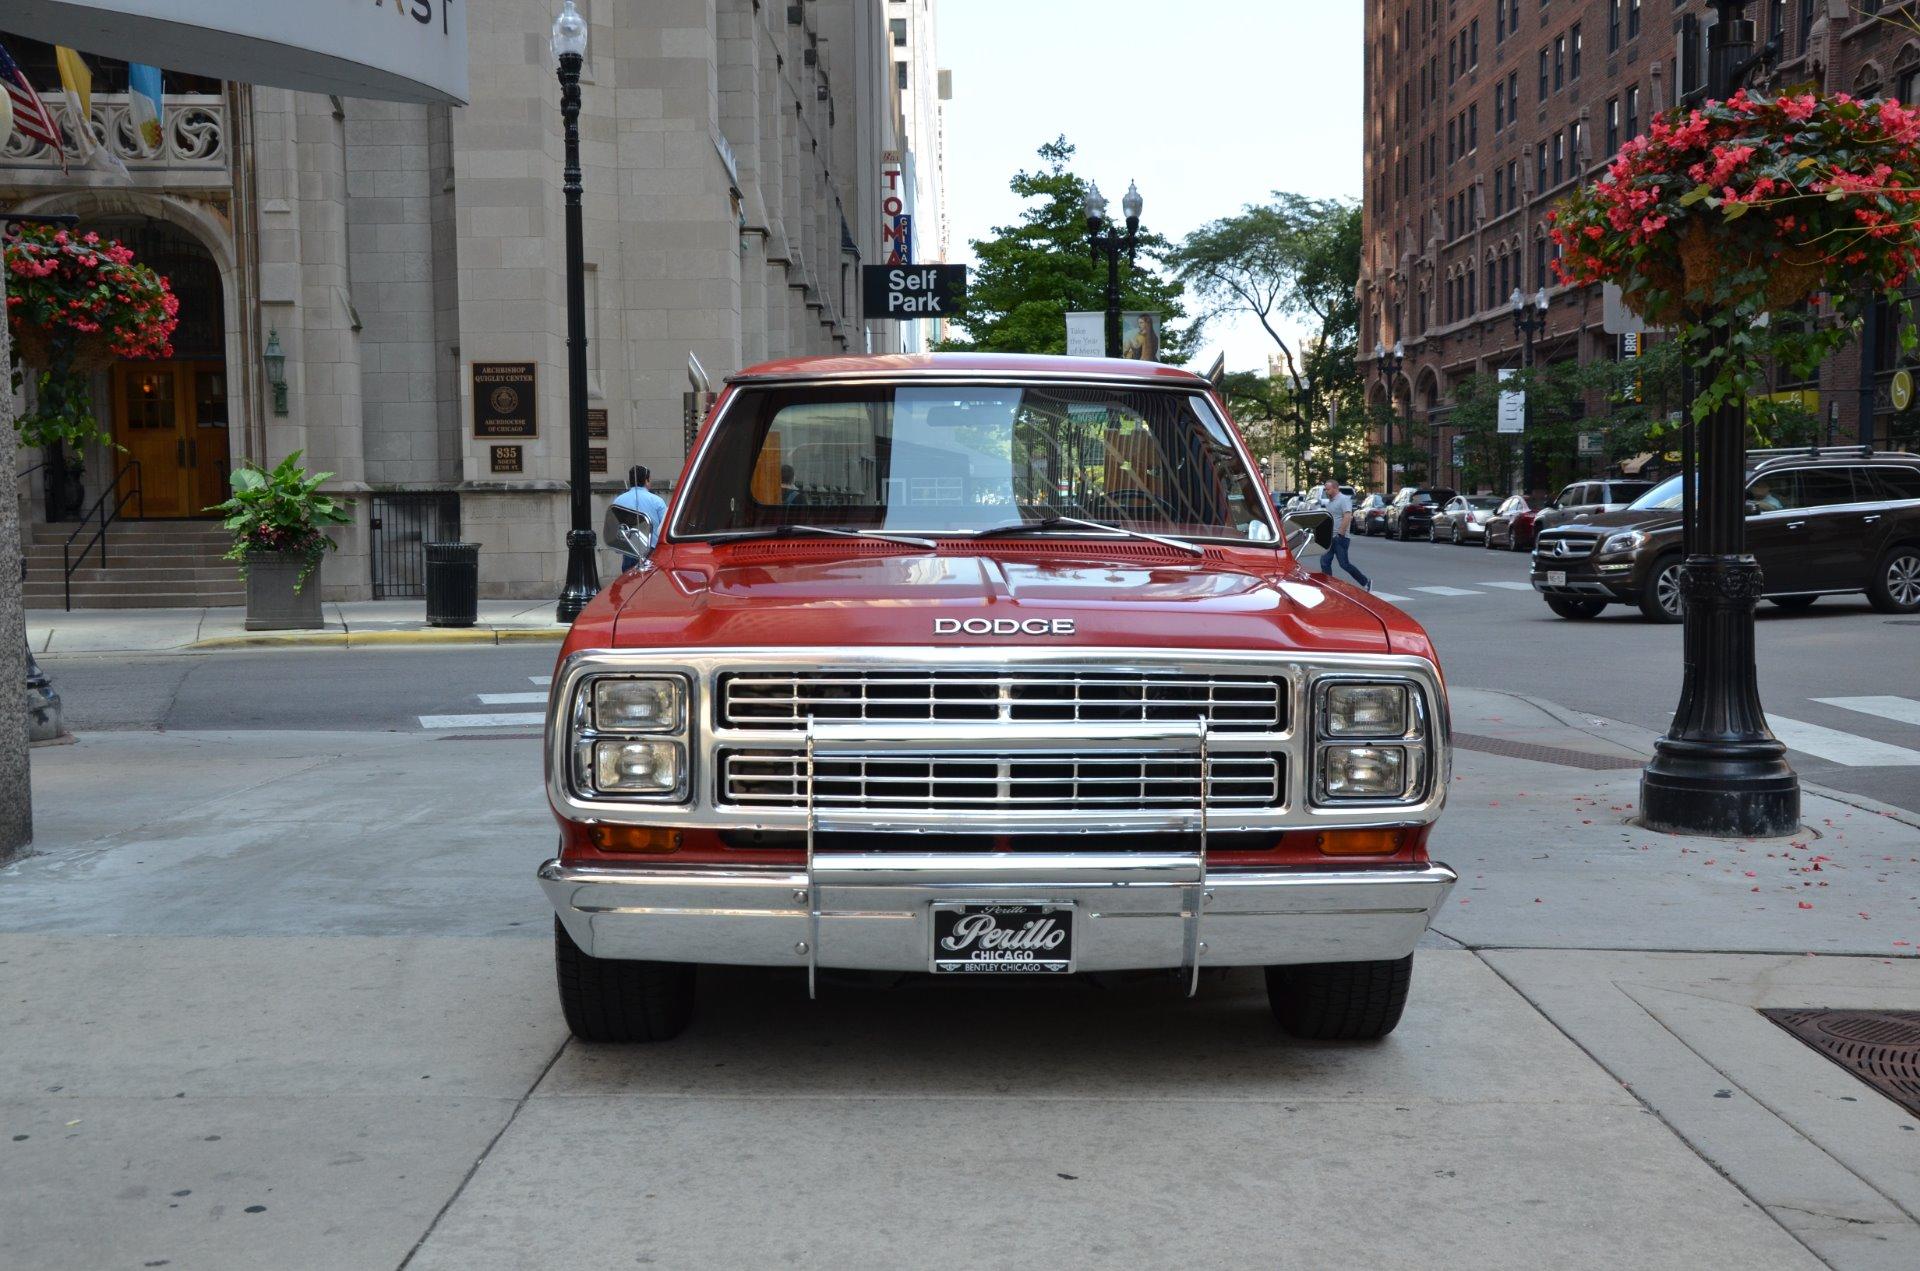 Used 1979 dodge d150 li l red express chicago il